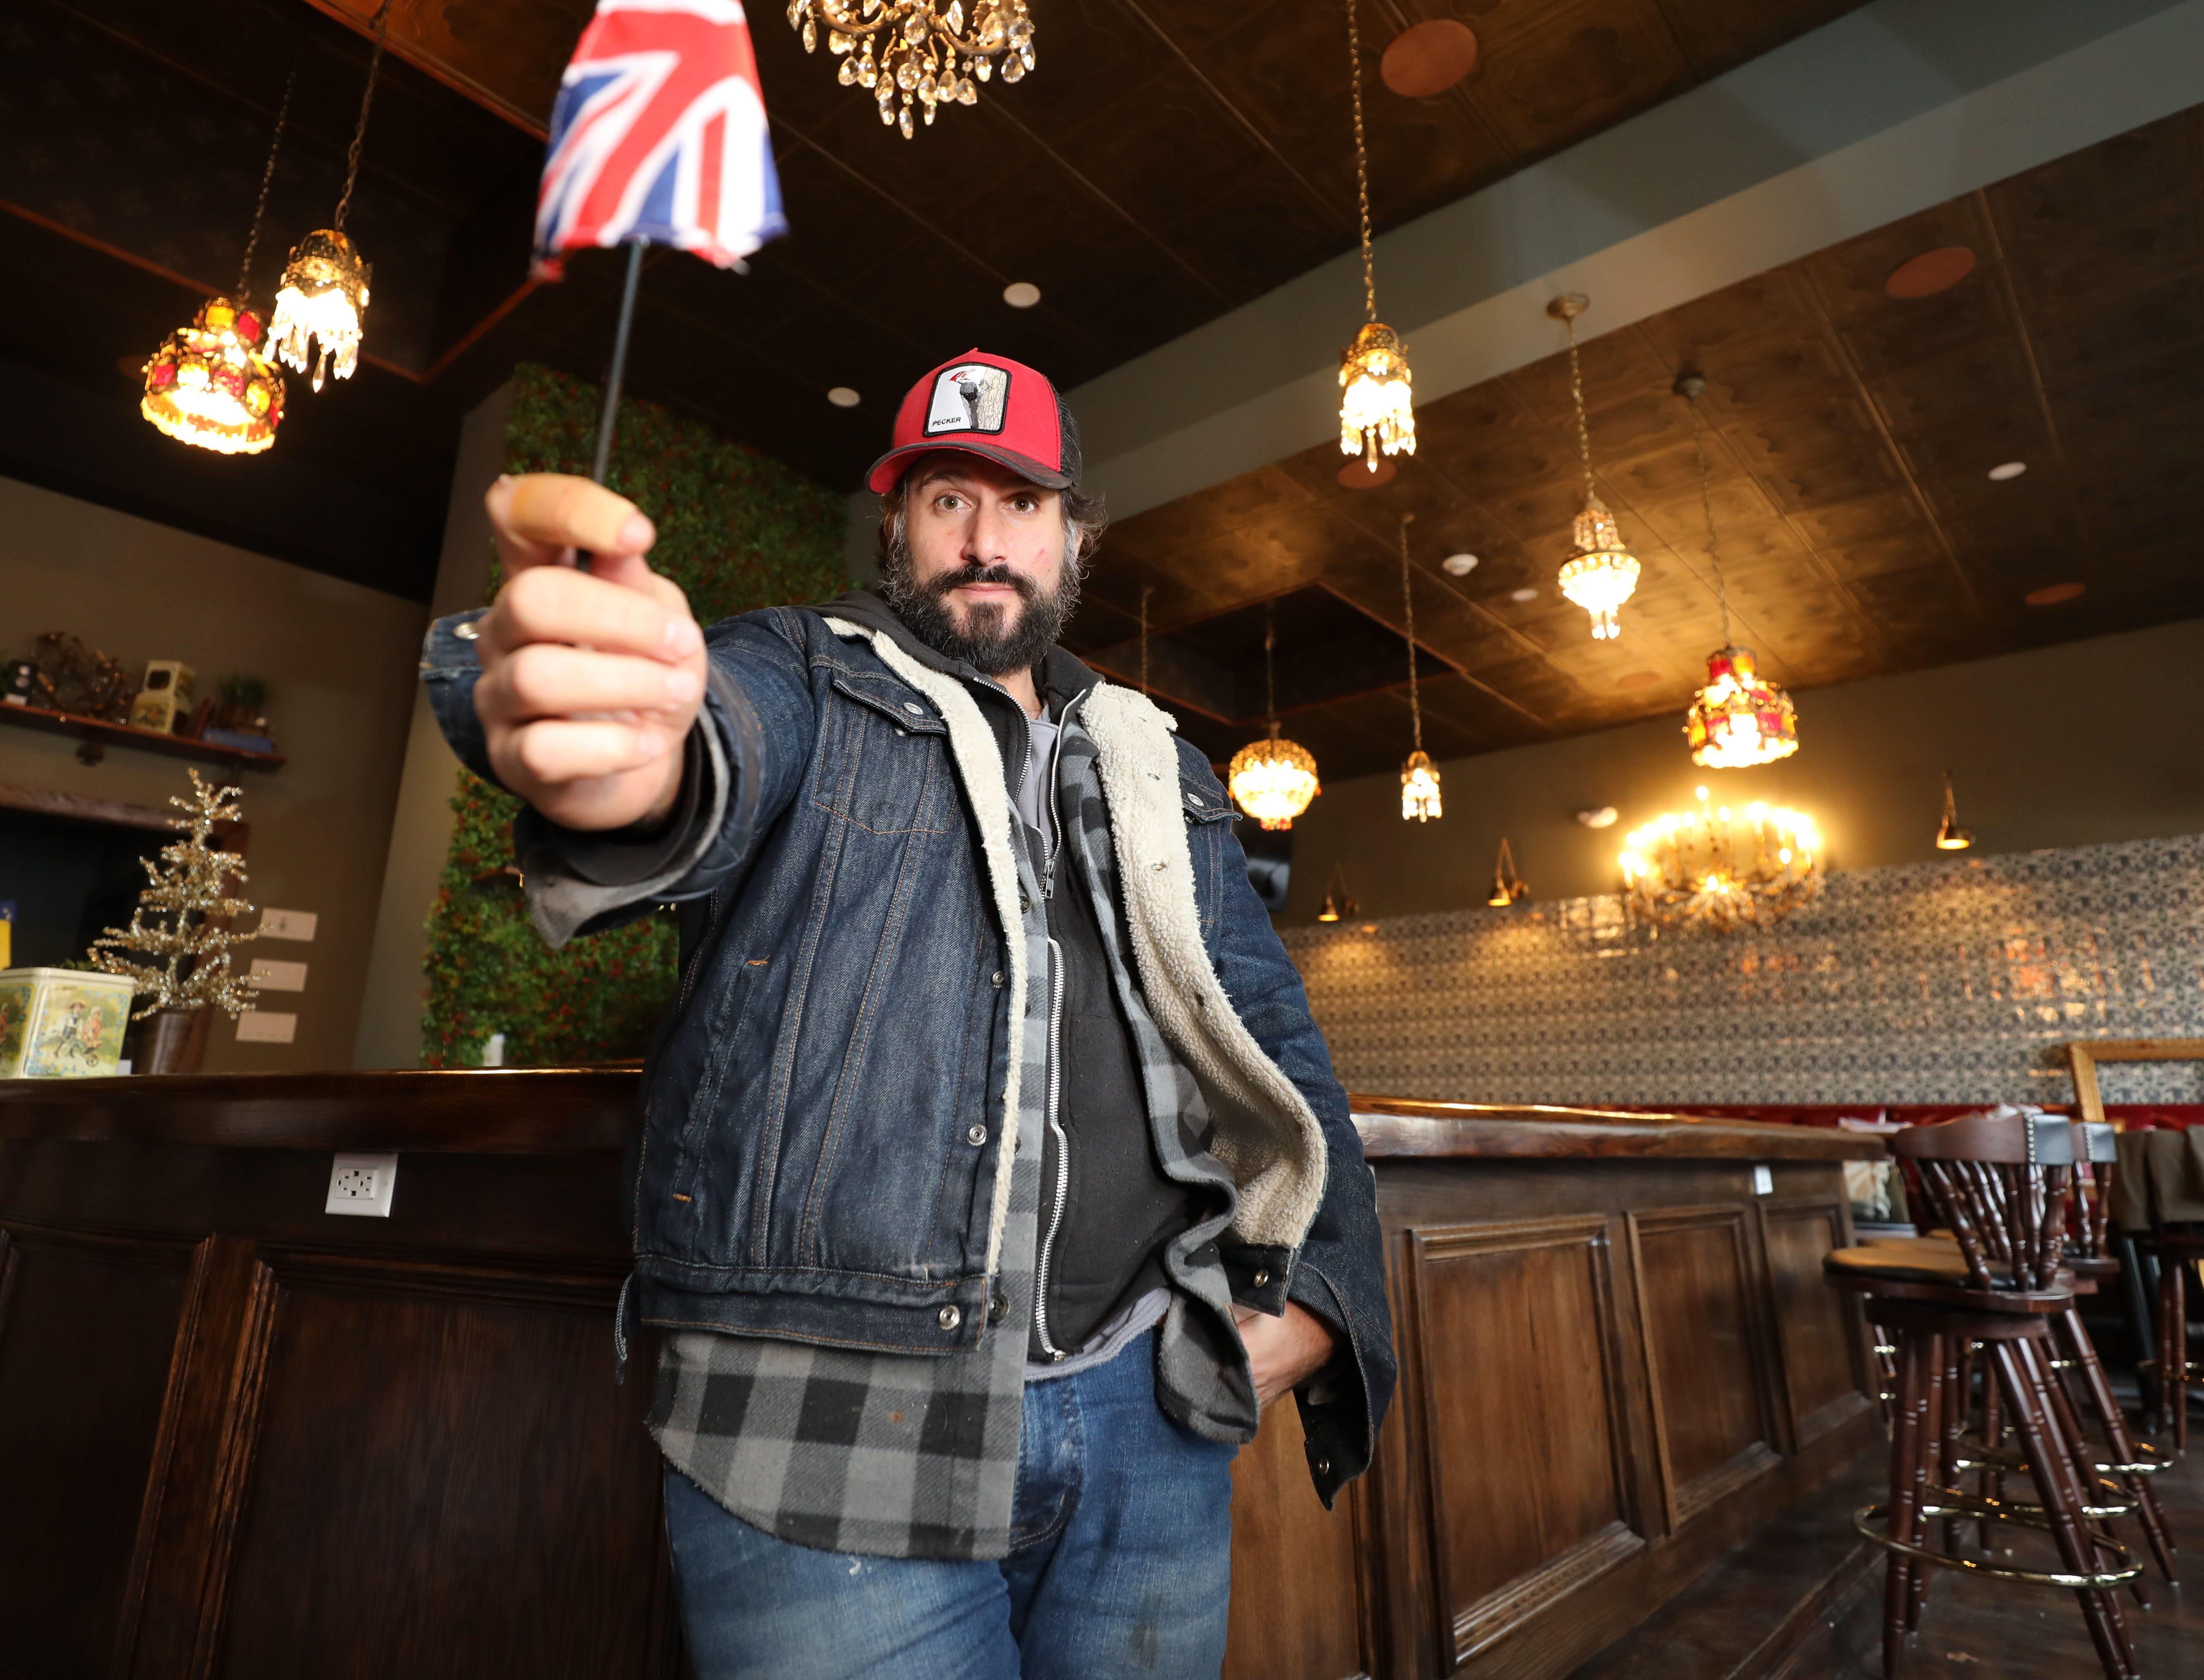 The British are coming: Chef Dave DiBari will open a London-style gastropub, The Rare Bit